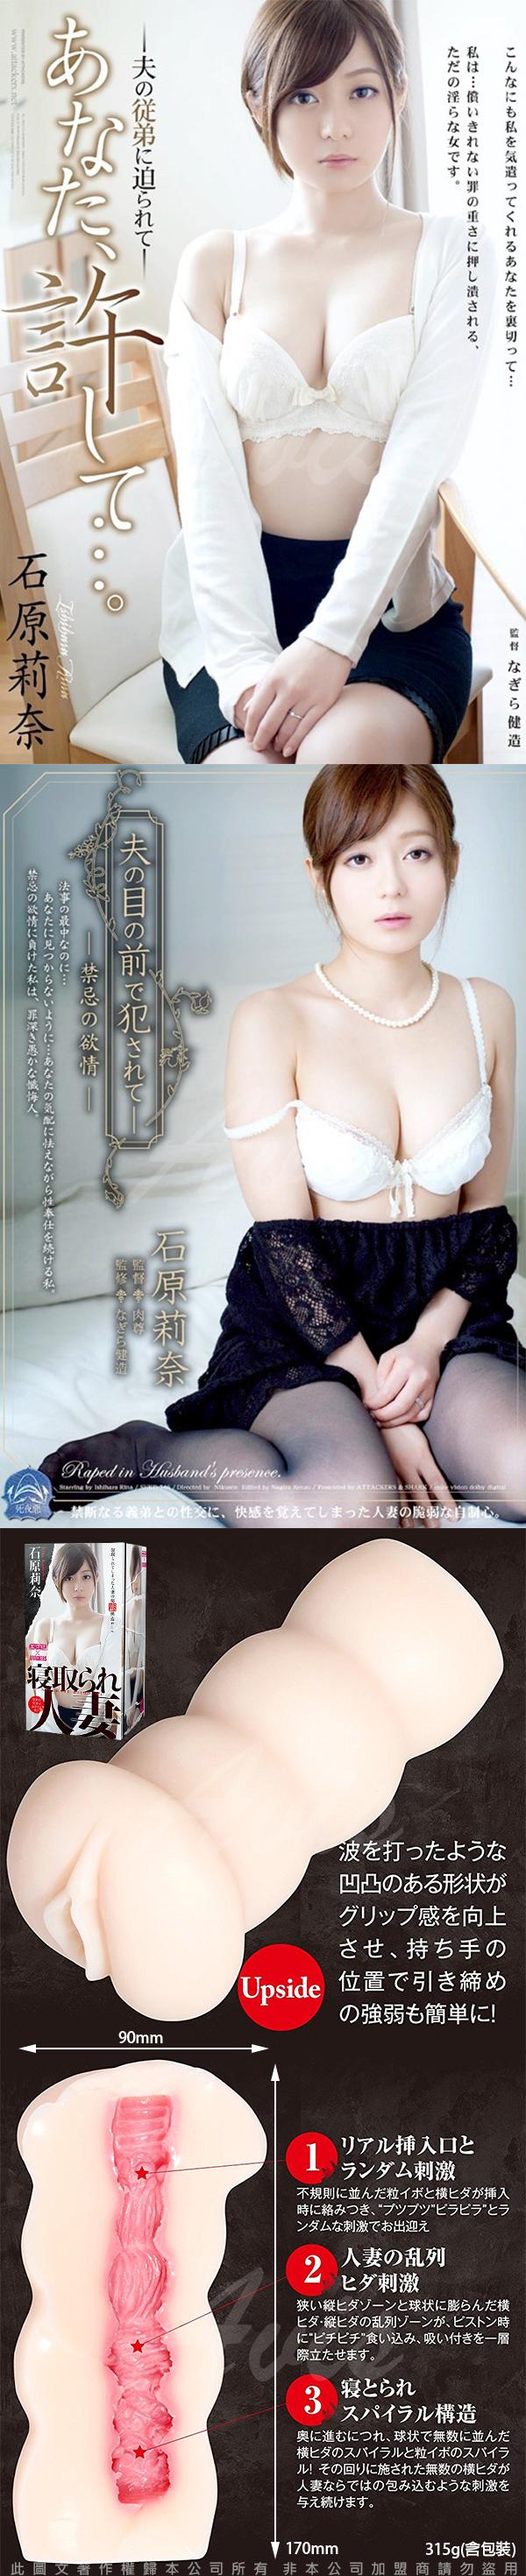 日本EXE 禁斷人妻 石原莉奈 陪睡吸夾自慰器